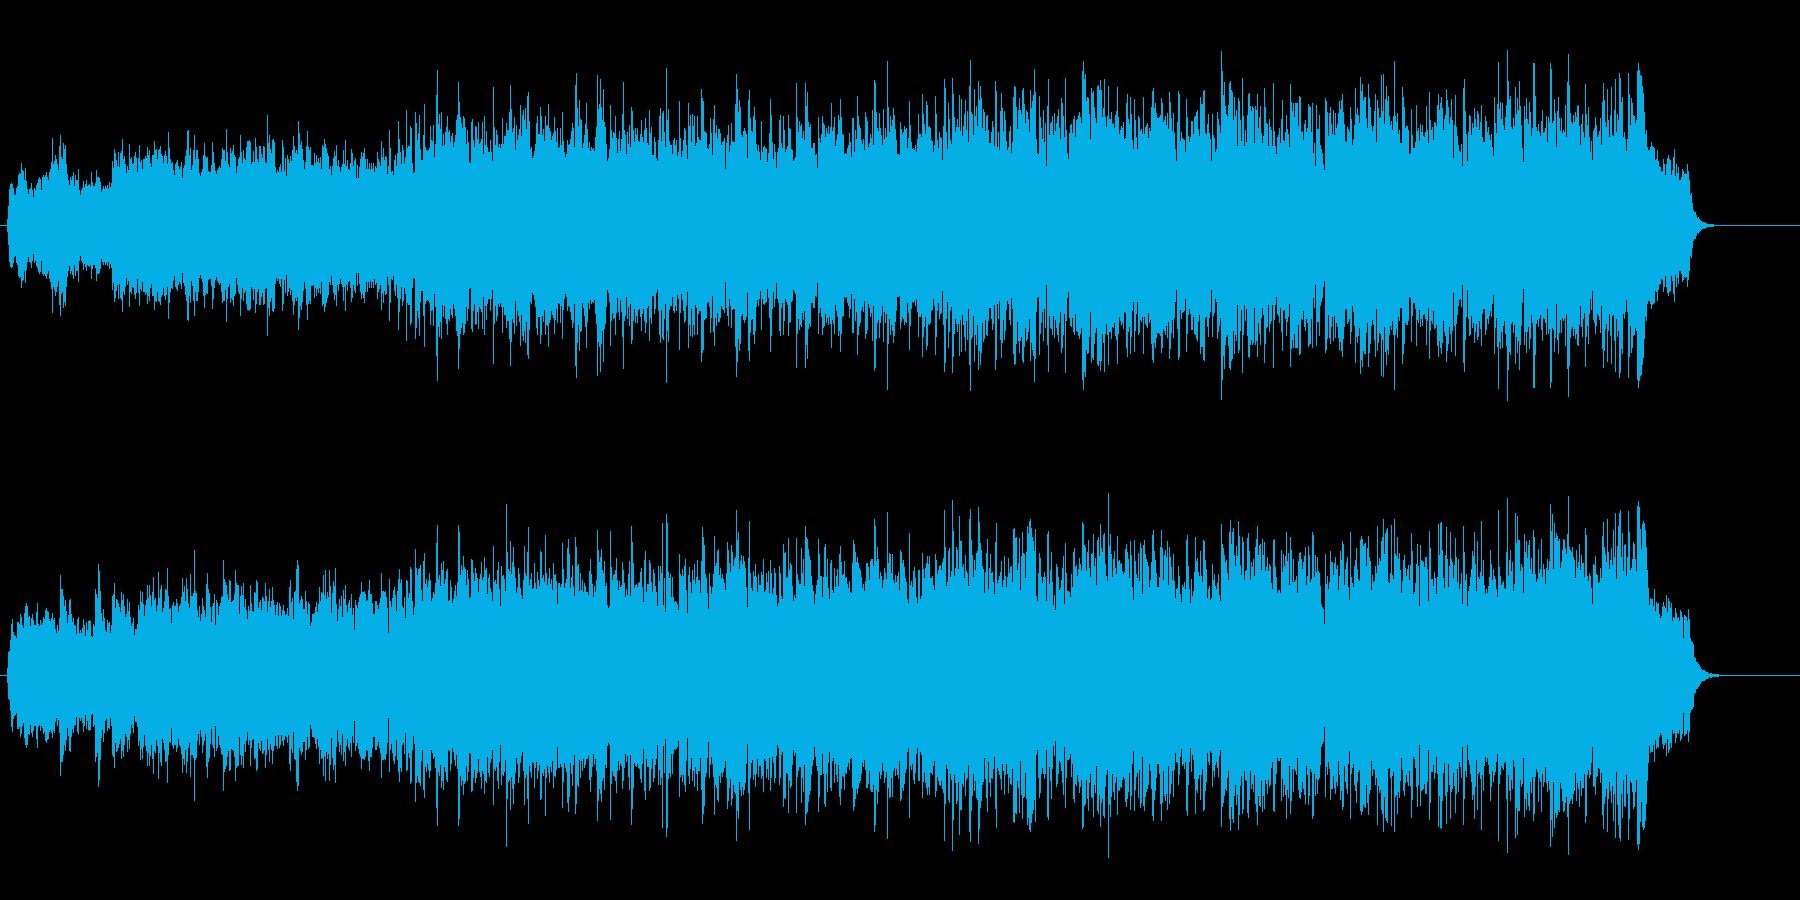 暖かみのあるメモリアル風BGMの再生済みの波形